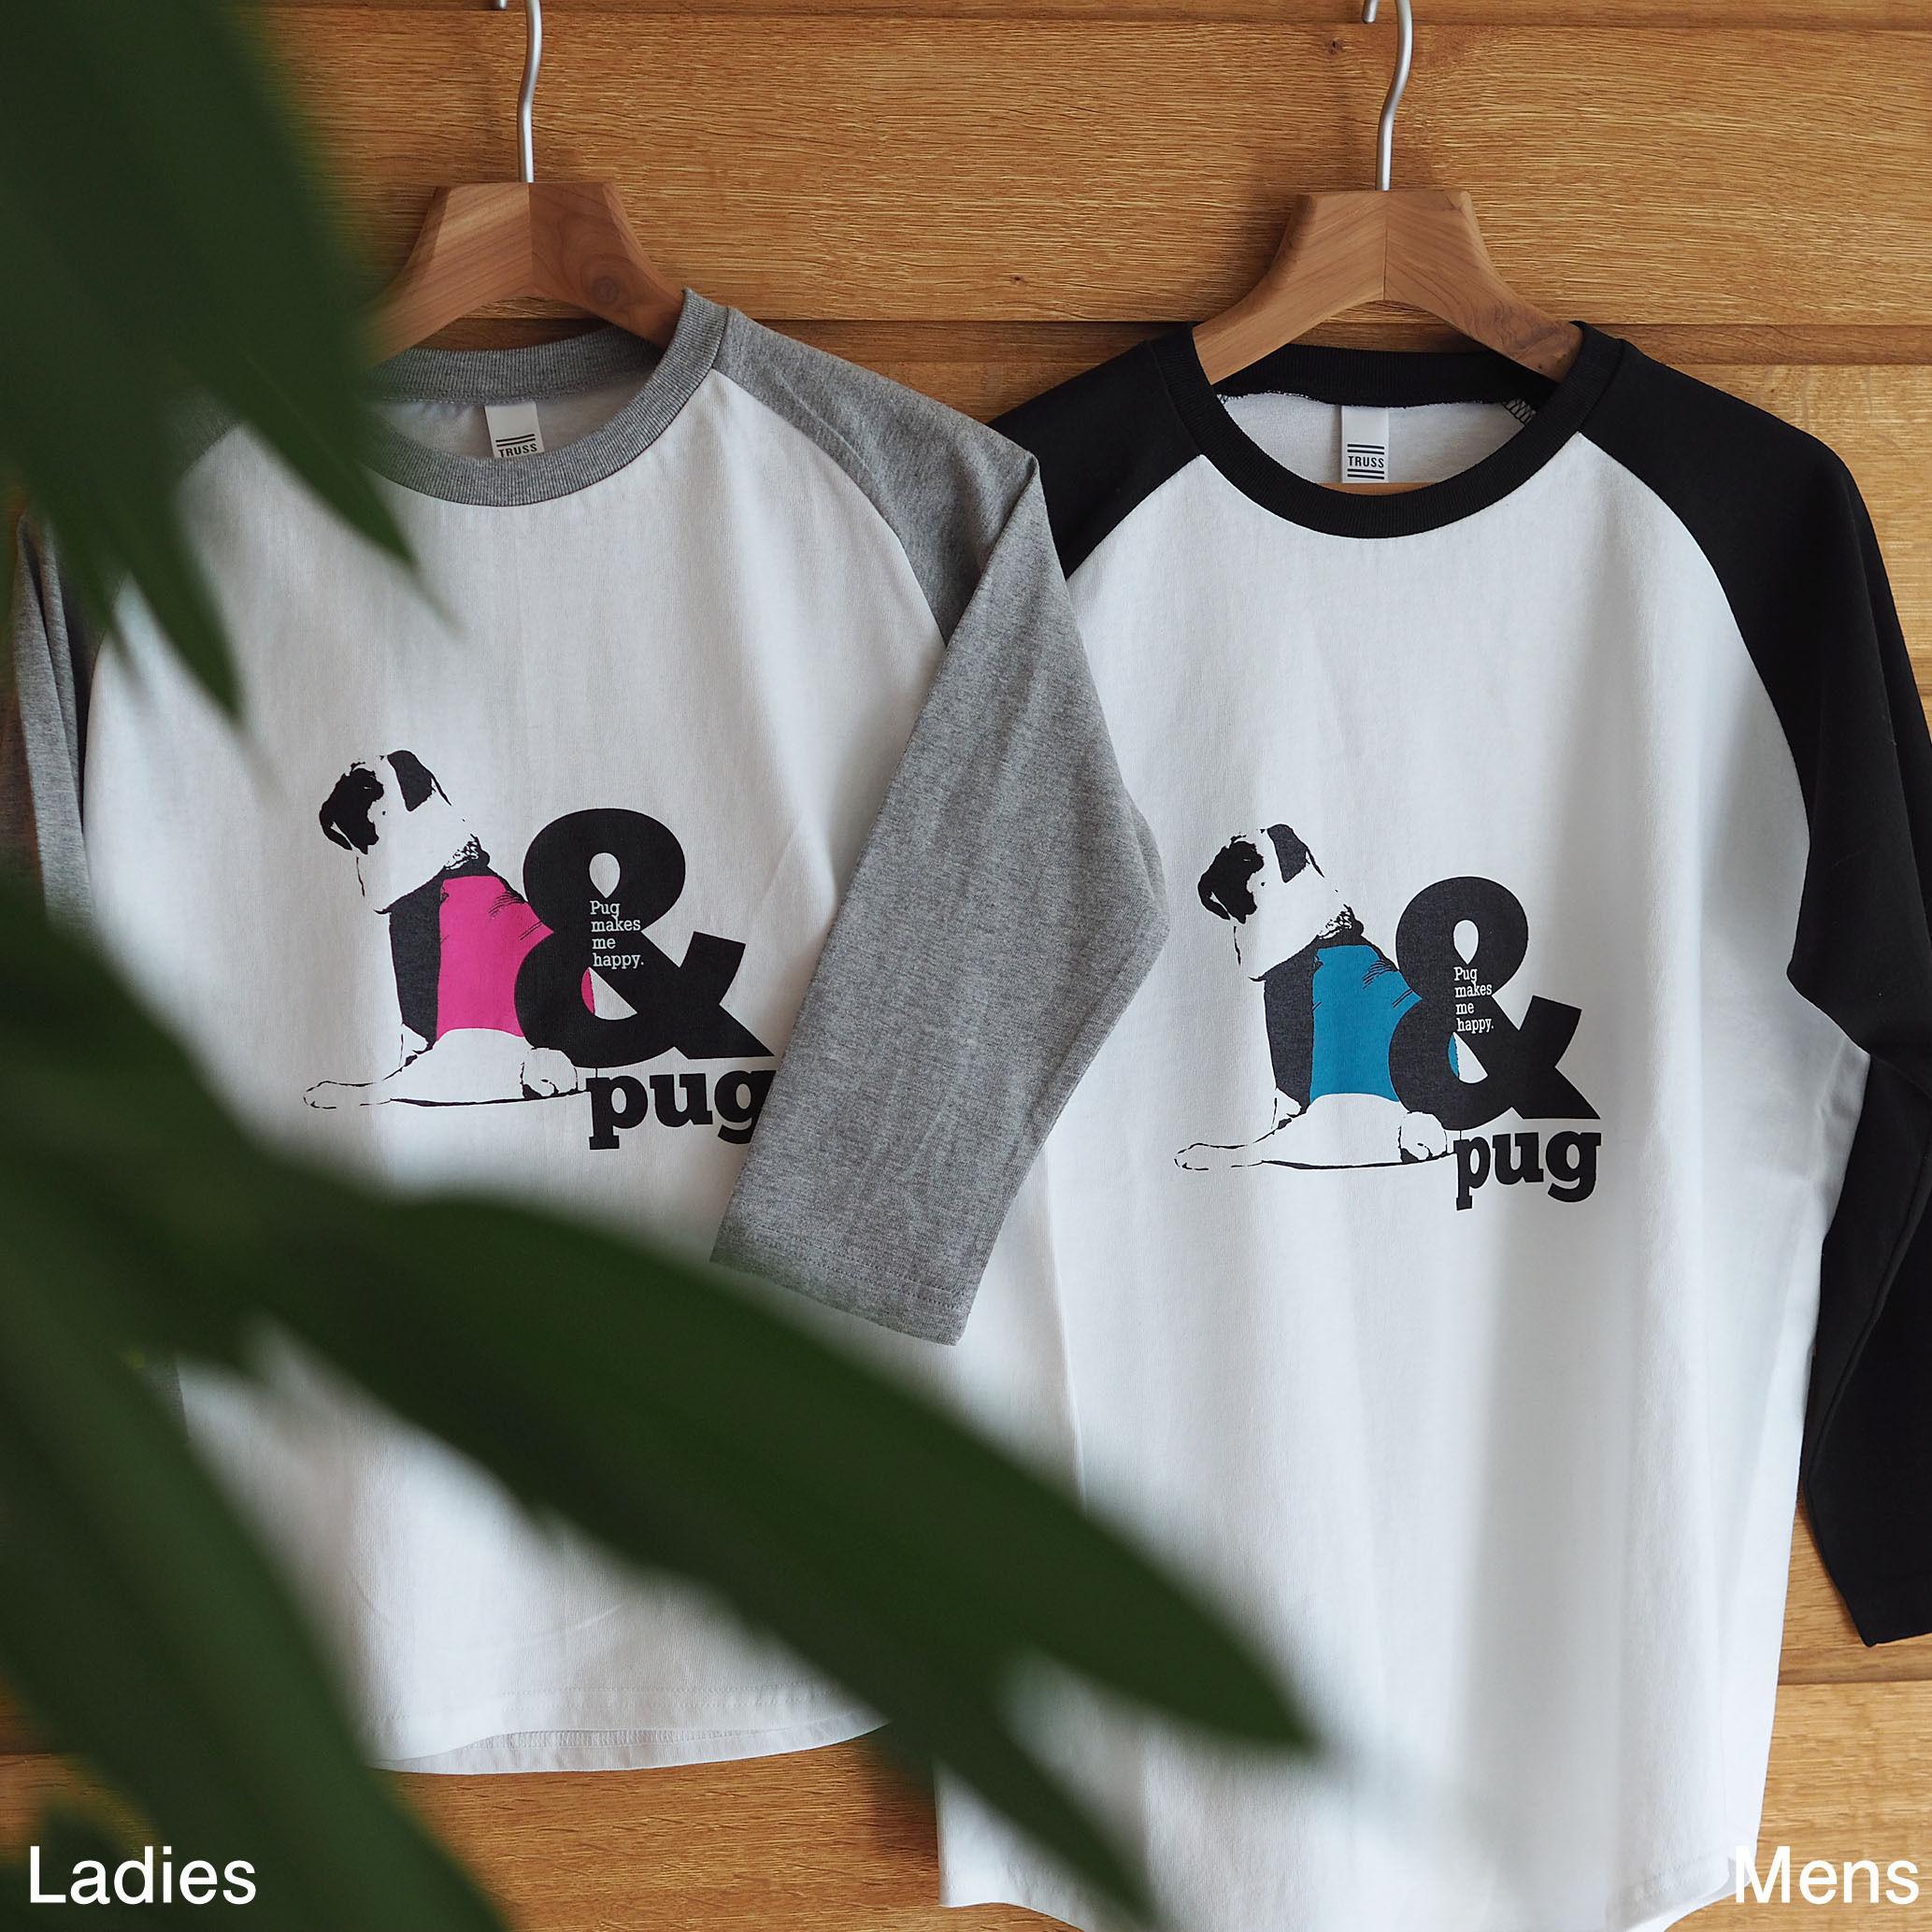 & Pug T-shirt for Human